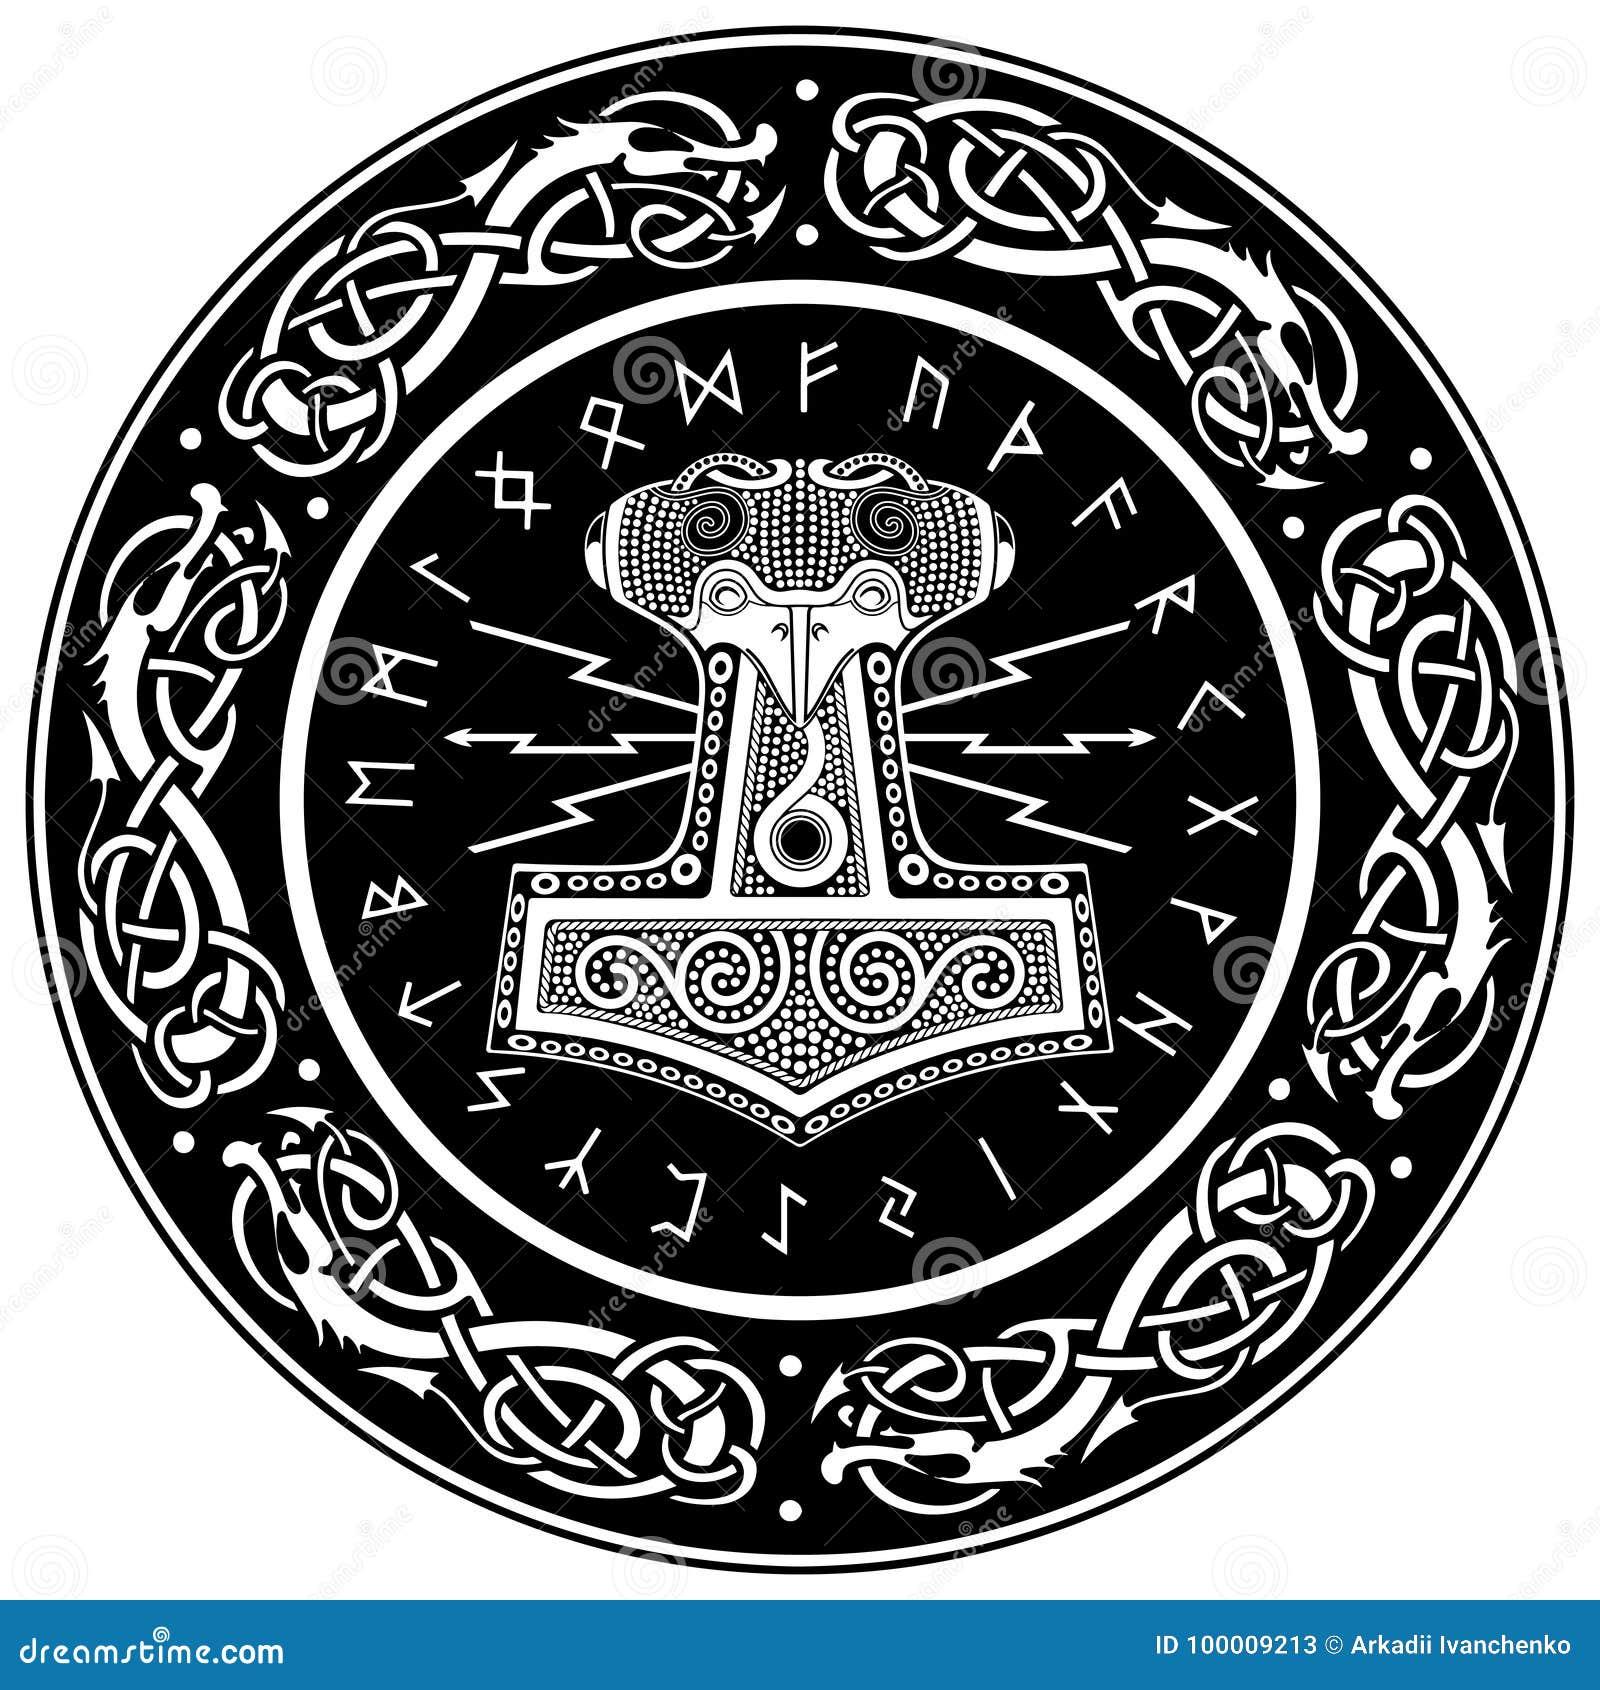 Vector Illustration Hammer: Mjollnir And The Scandinavian Ornament